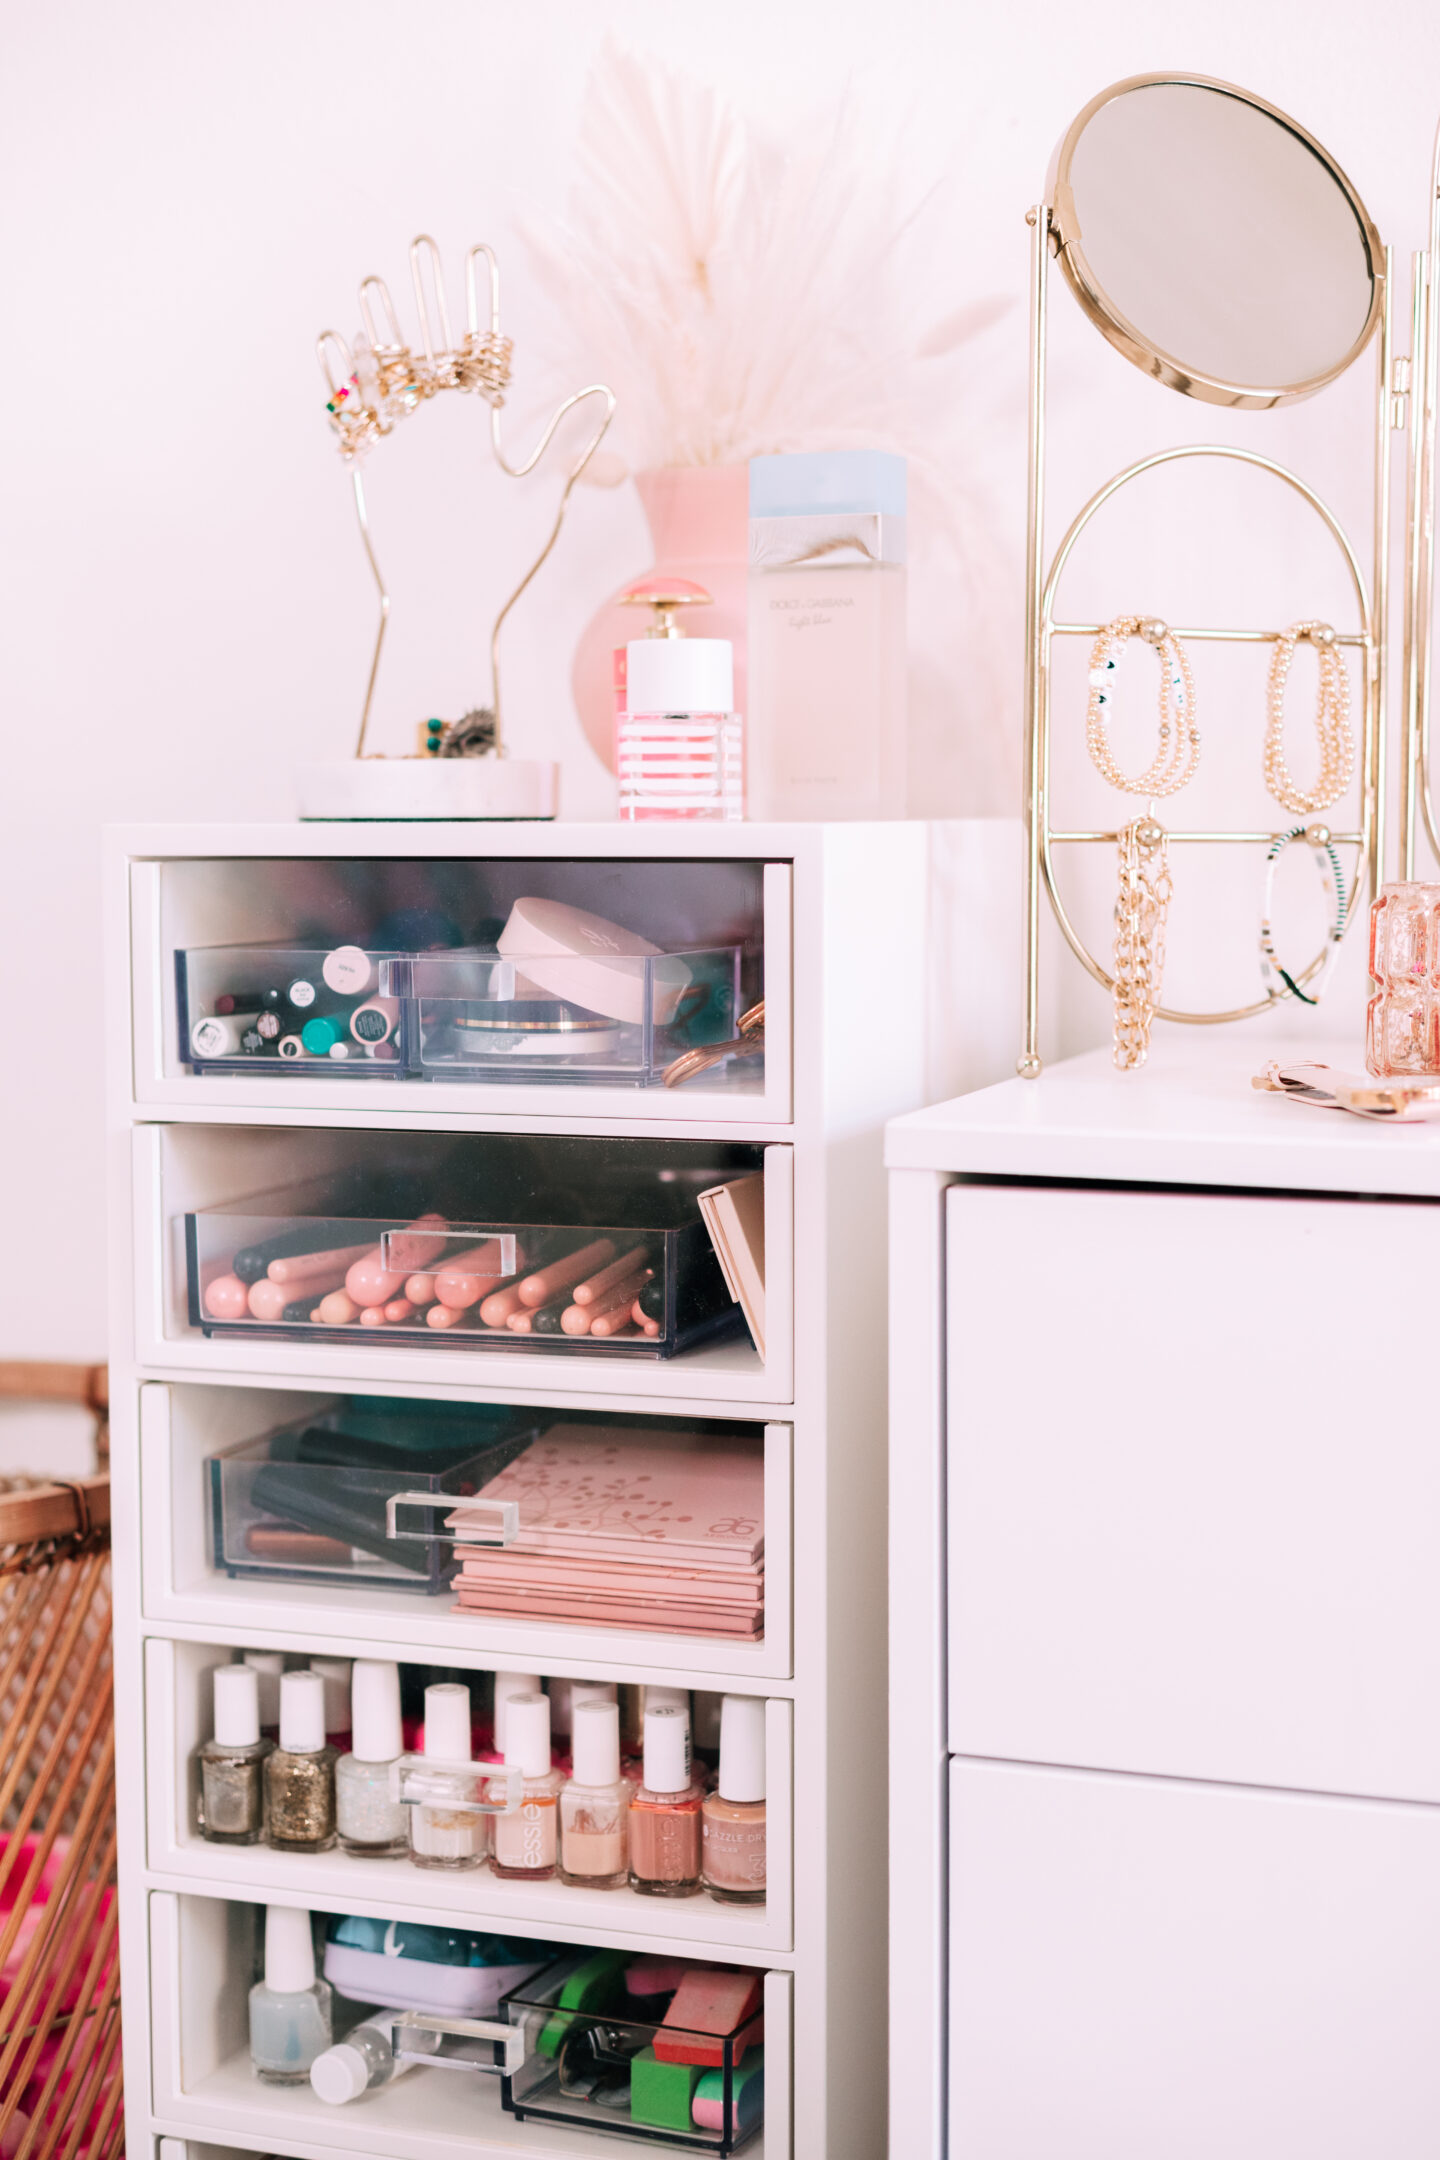 Makeup & jewelry organization